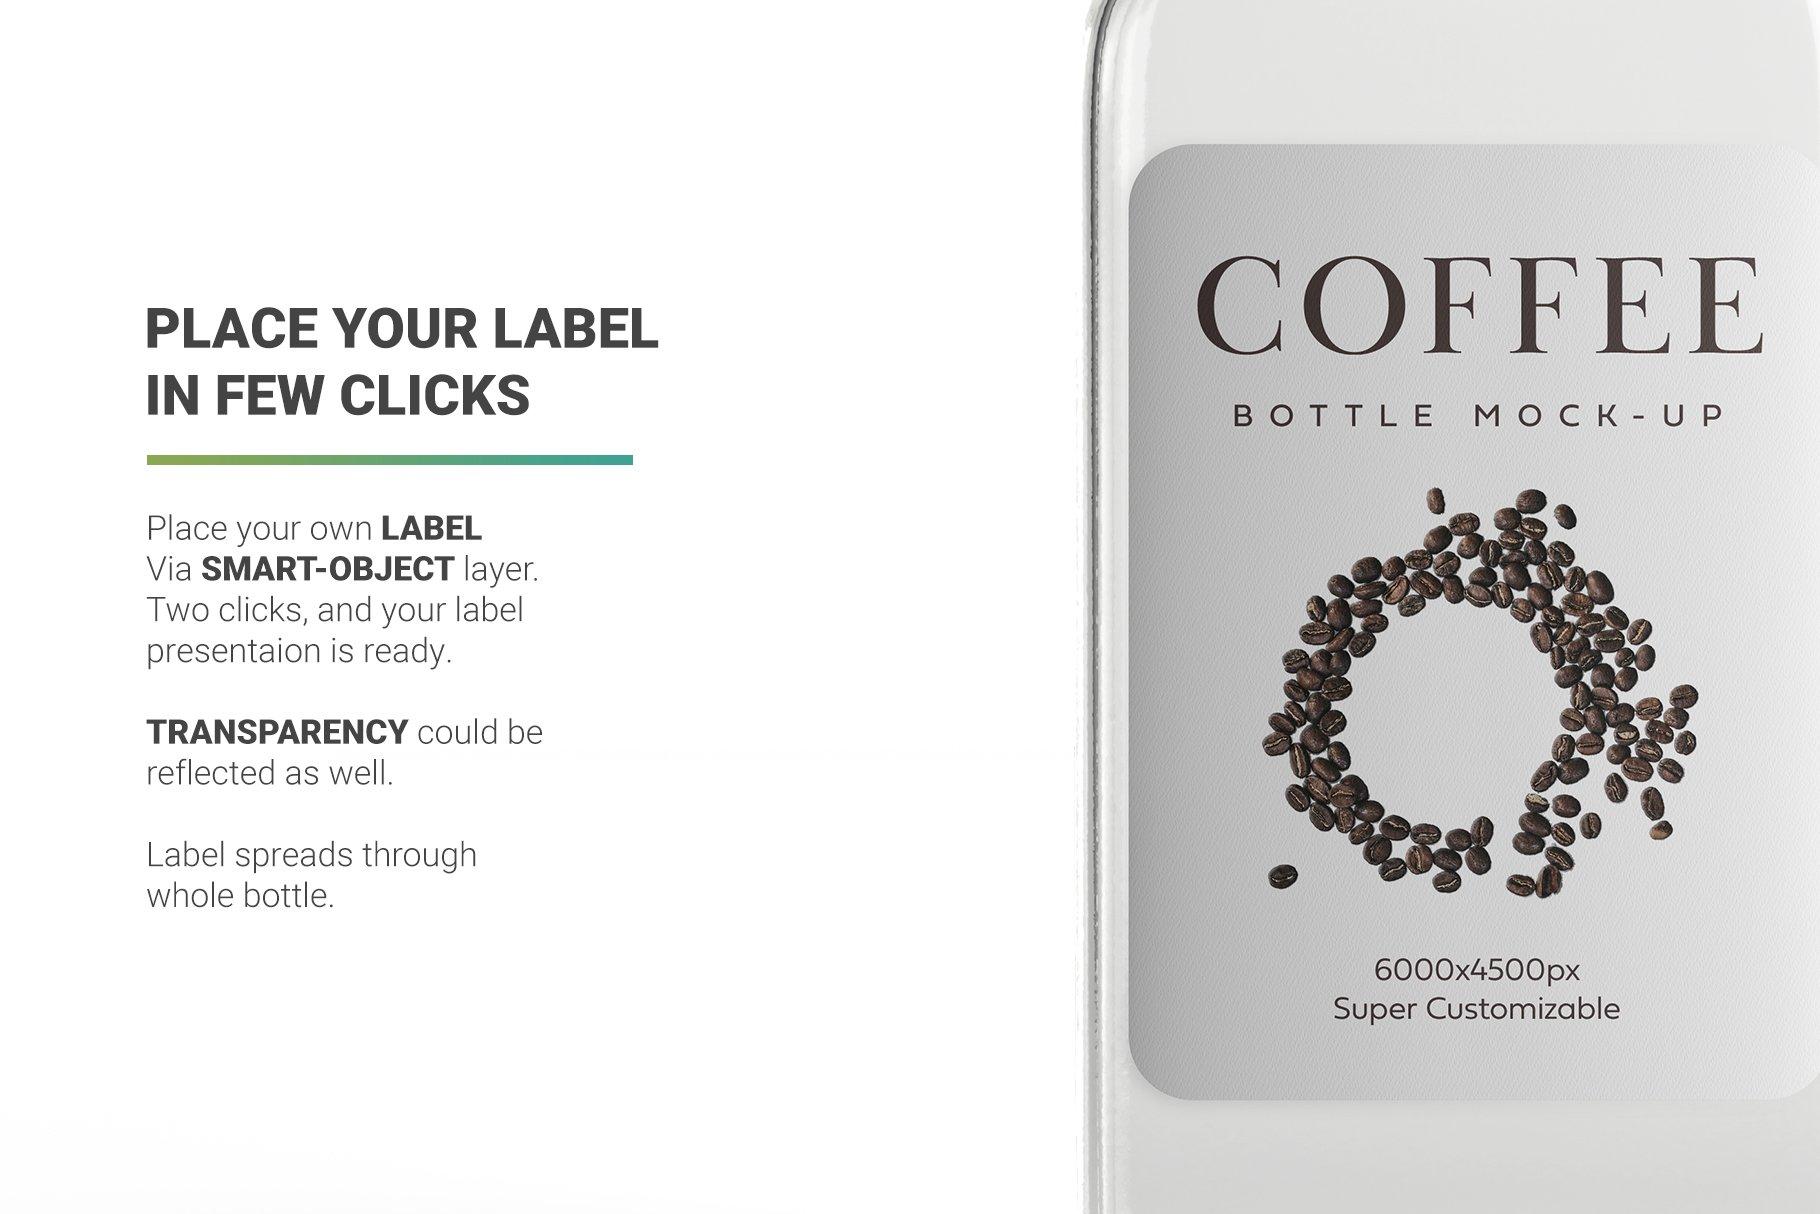 冷冲泡咖啡玻璃瓶标签设计展示贴图样机 Coffee Bottle Mockup插图1